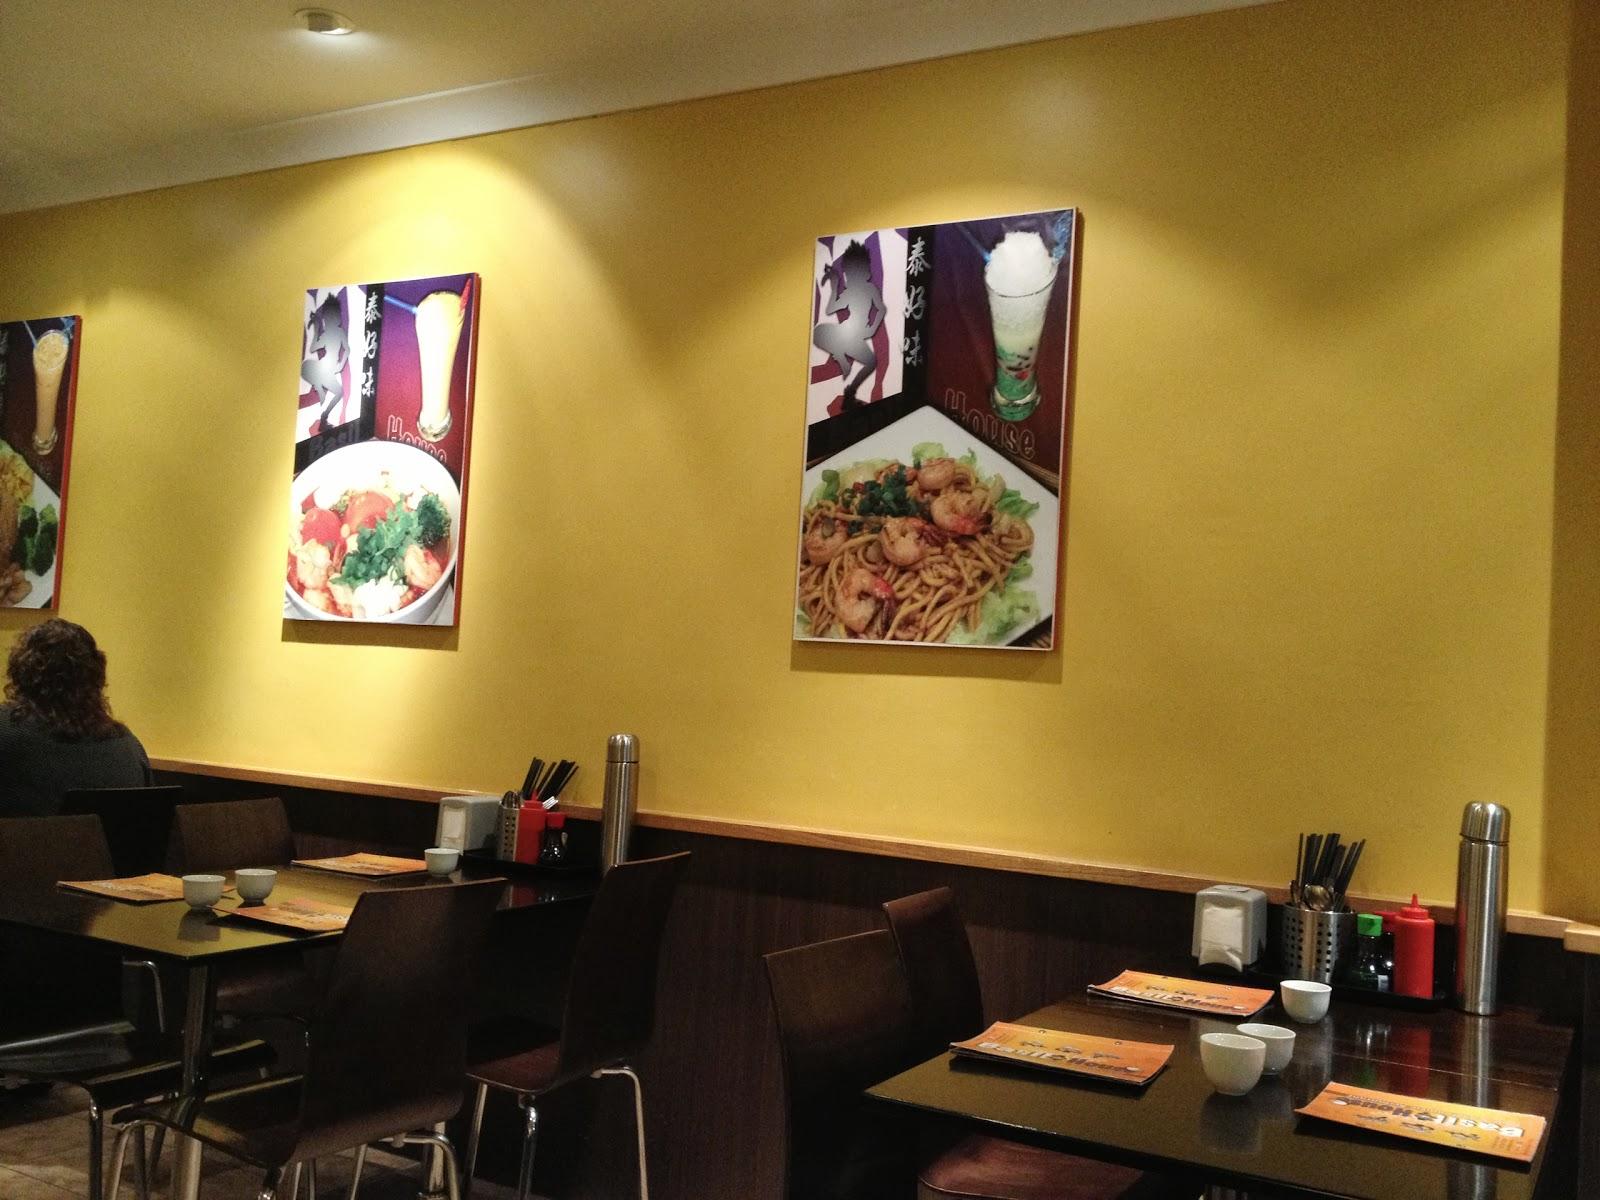 Asian Restaurants in Melbourne: Basil House (Thai Vietnamese Restaurant)